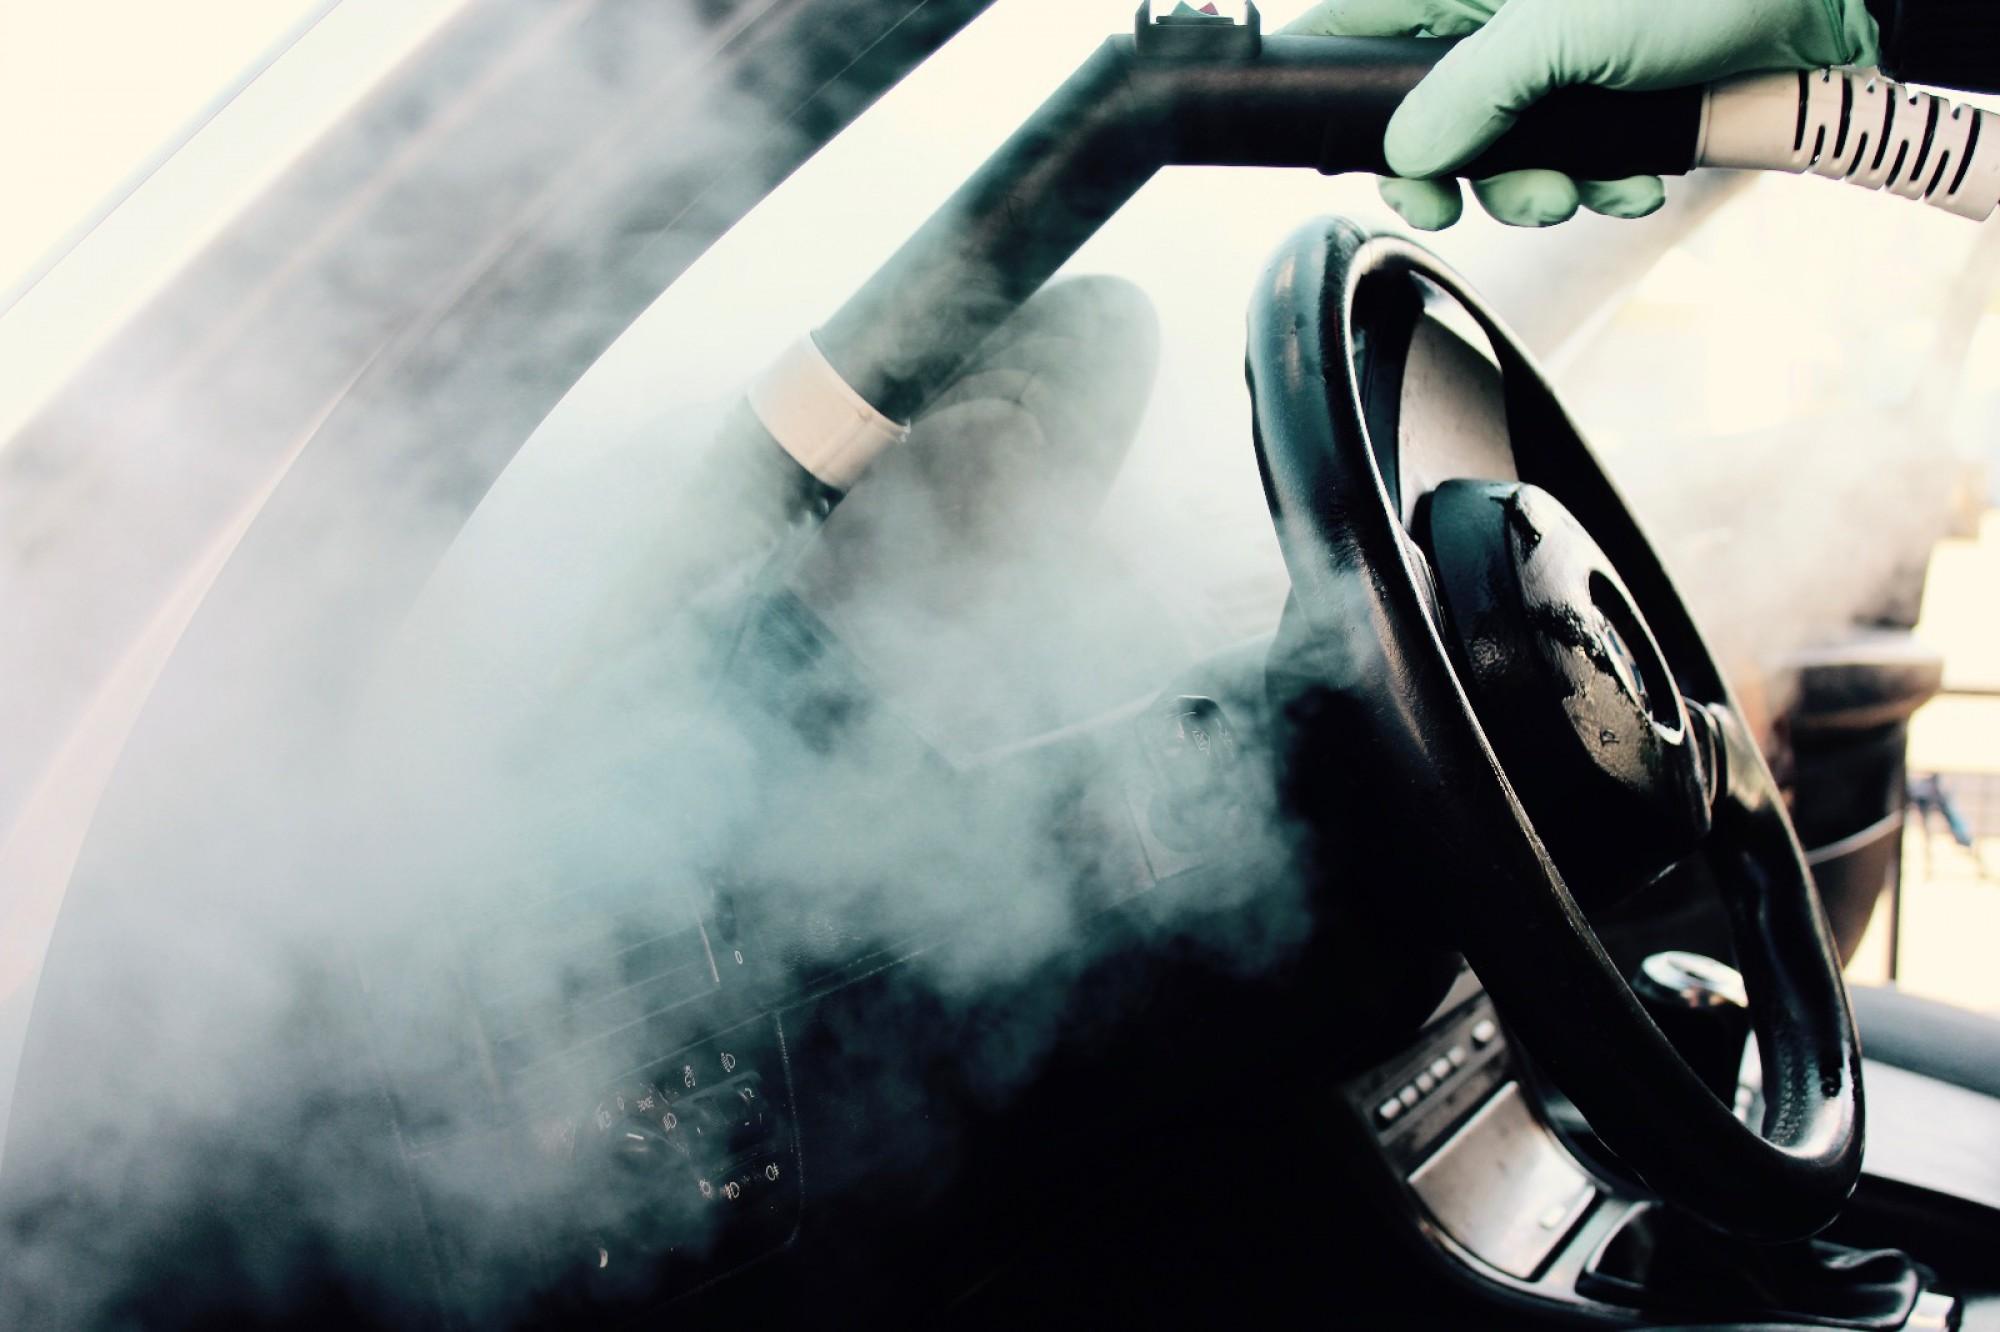 Sanificazione dell'auto fai da te: come fare?